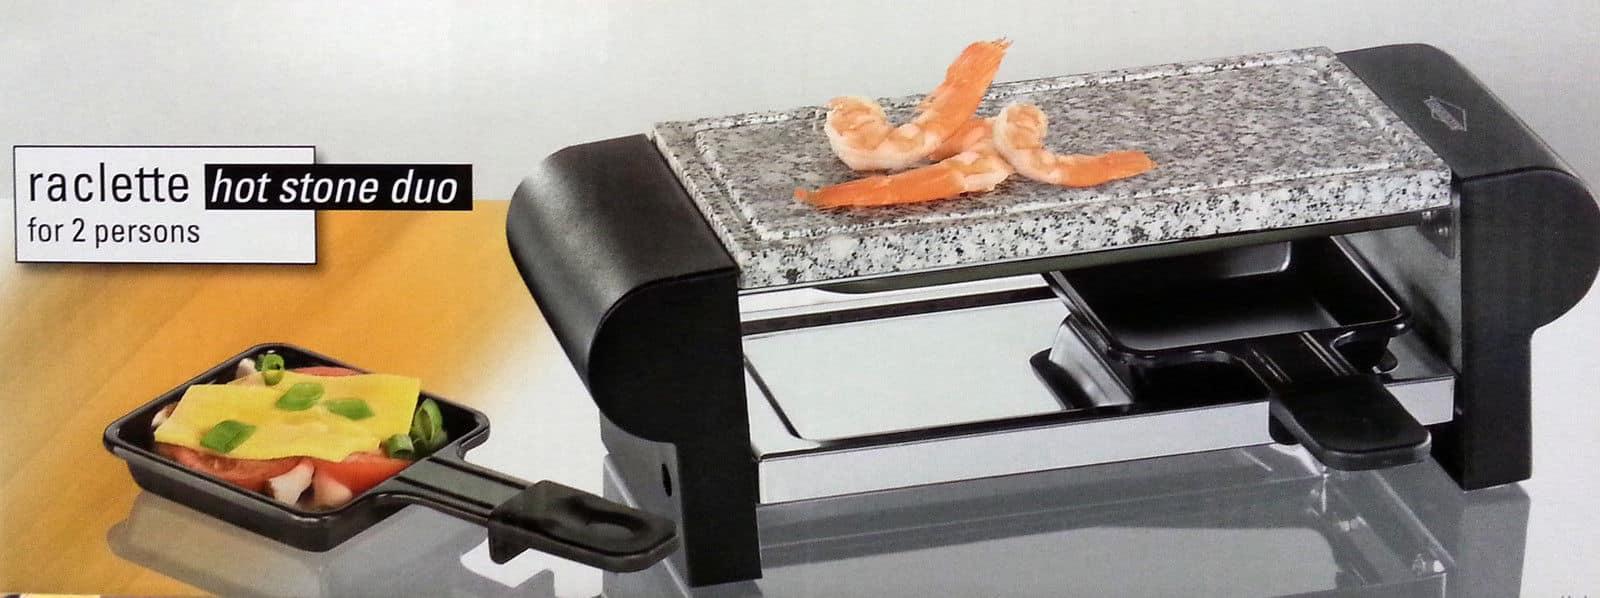 Küchenprofi Raclette Hot Stone Duo Bedienungsanleitung ~ küchenprofi raclette hot stone duo, schwarz neu ebay